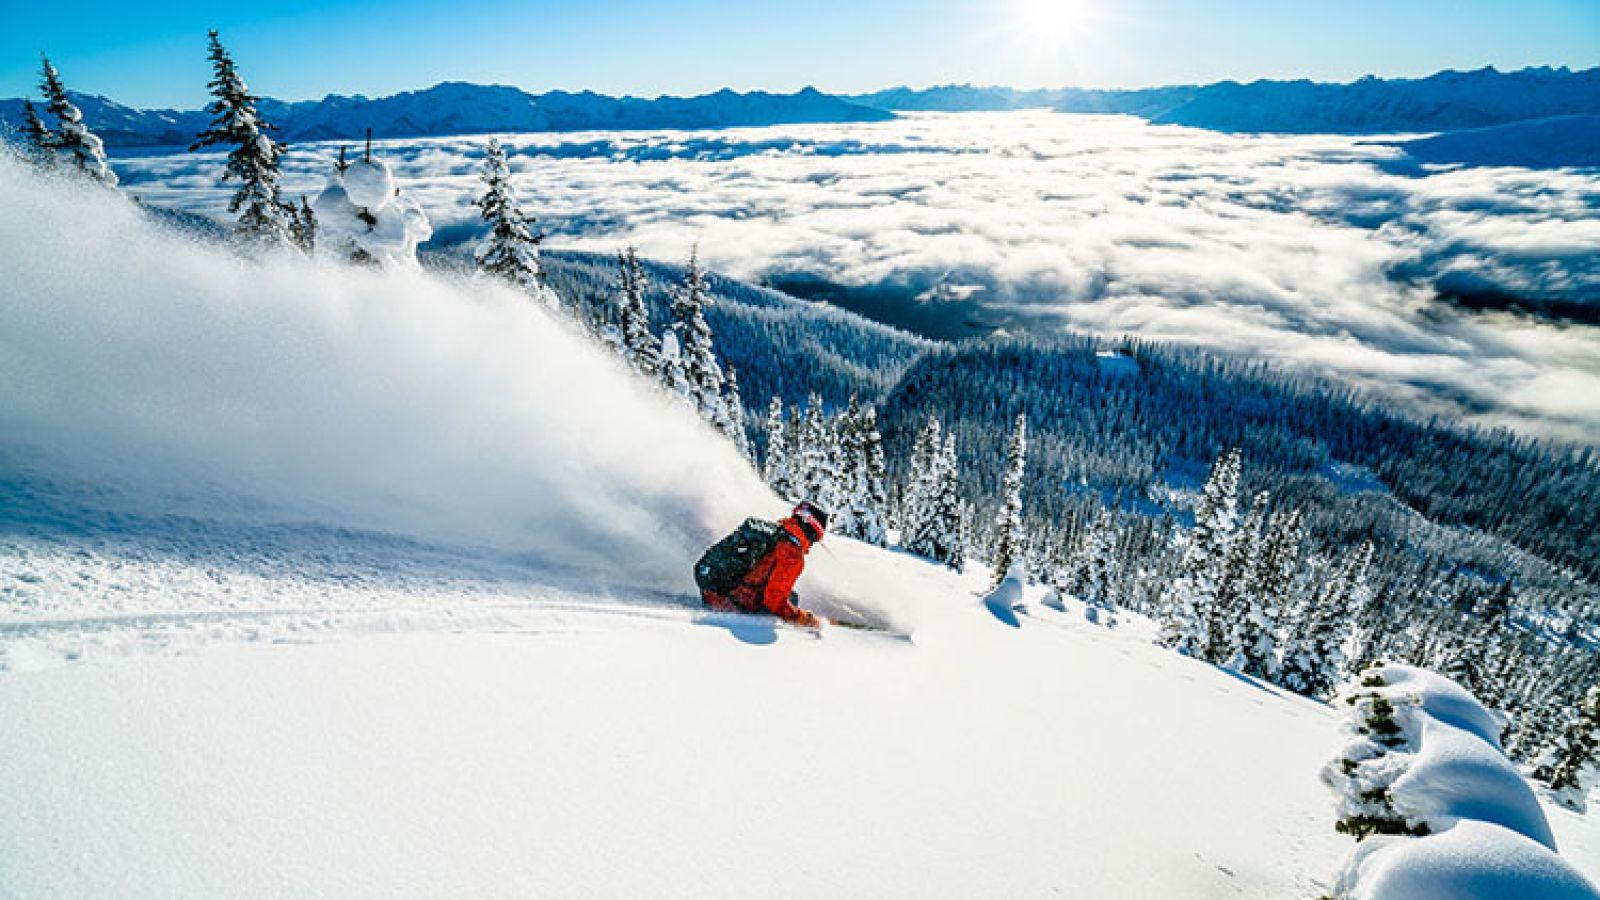 Excellent diverse ski terrain.